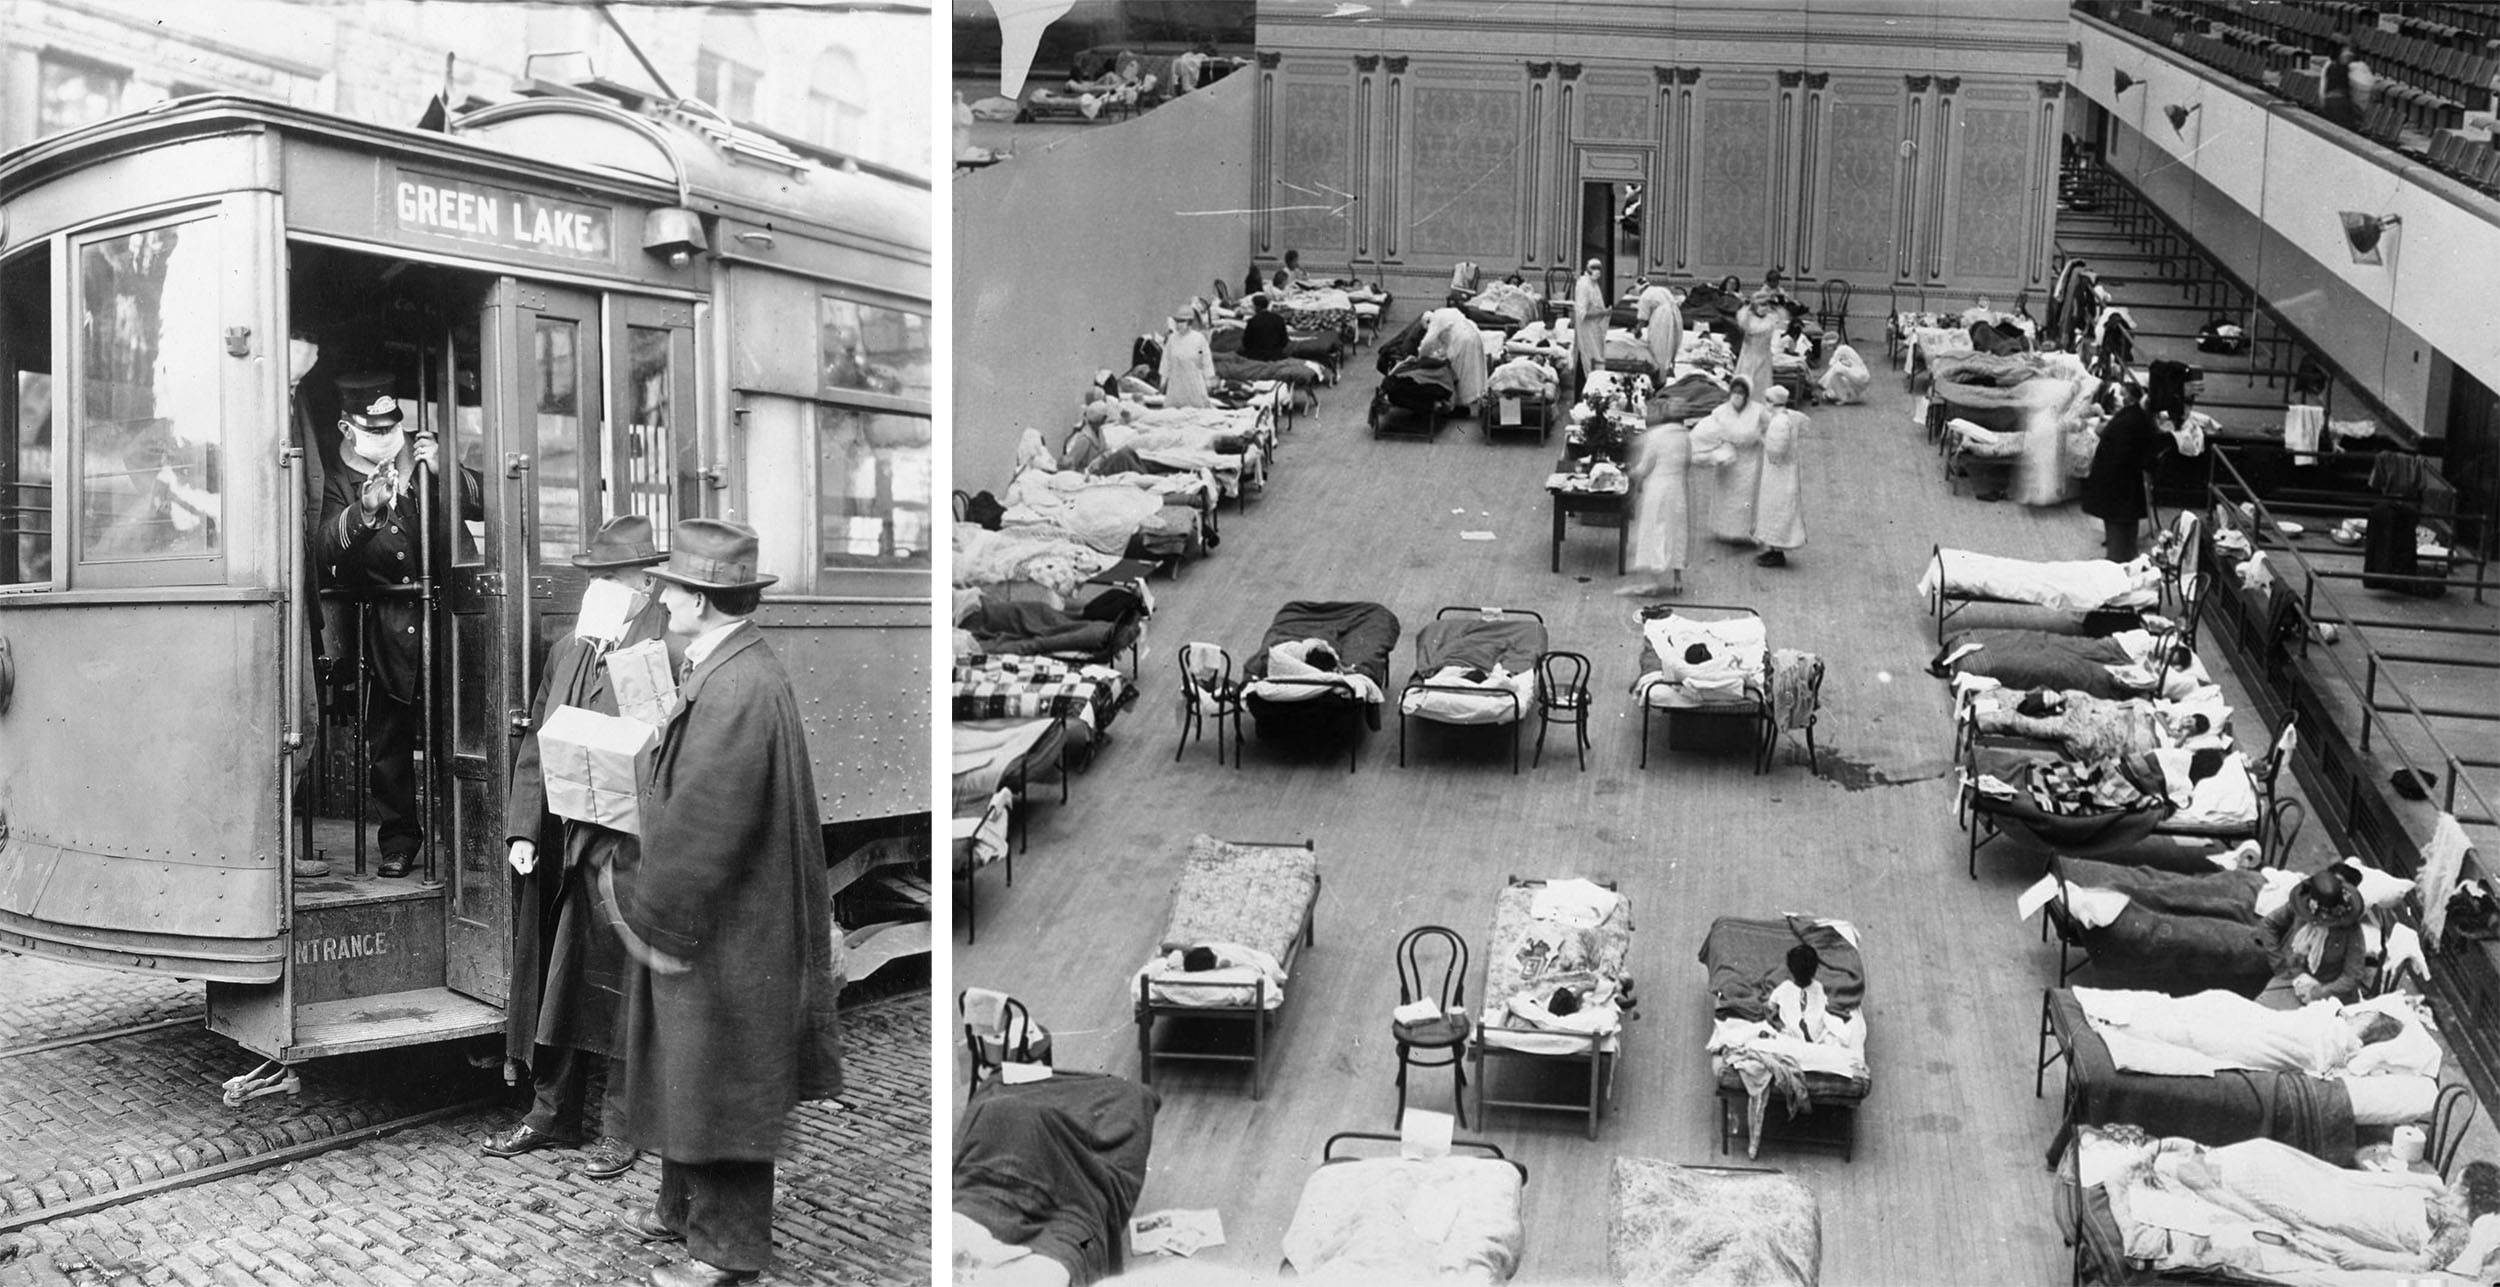 Pandemia storia influenza spagnola